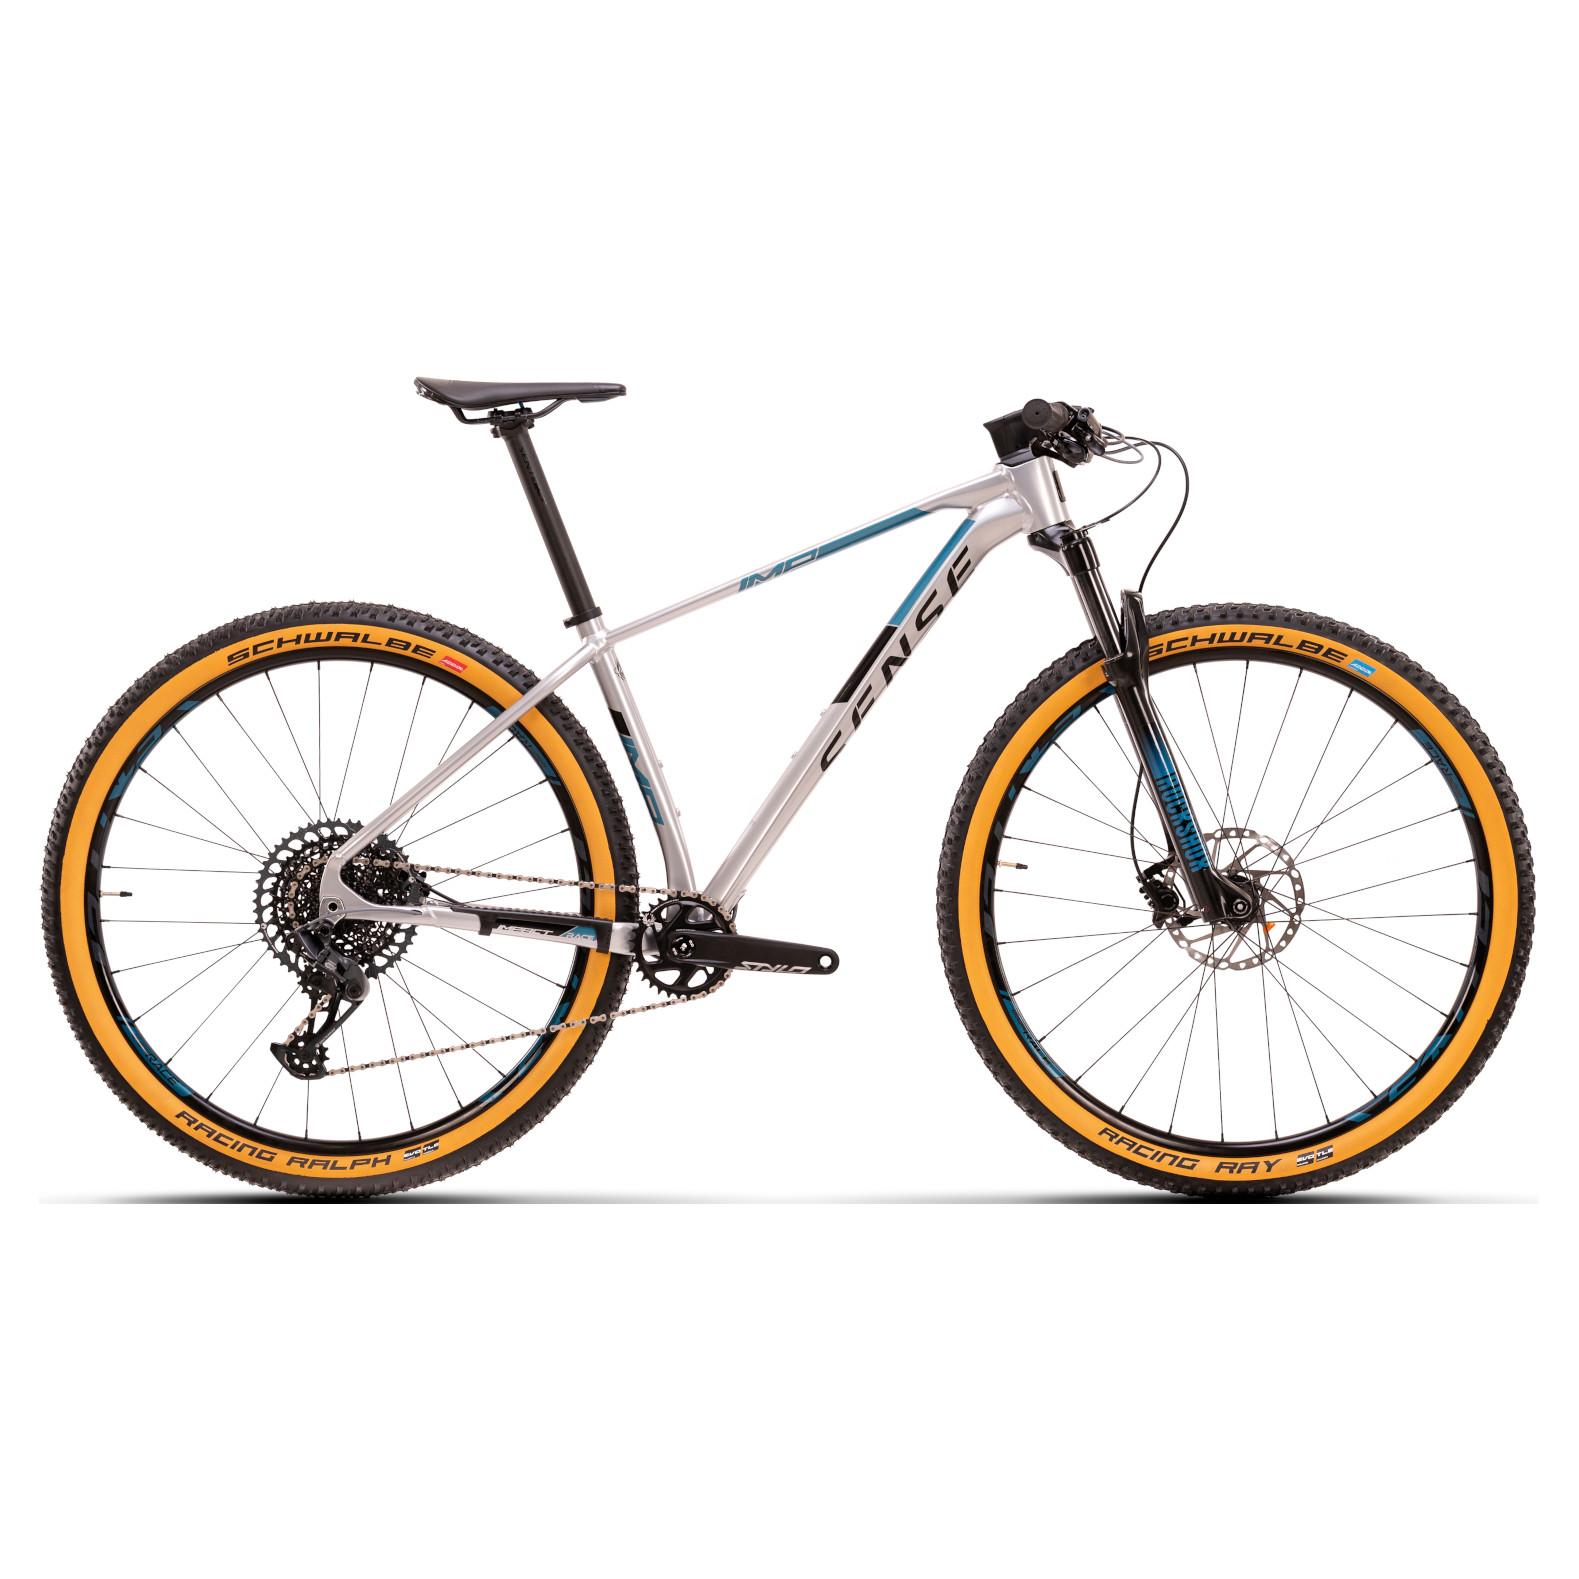 Bicicleta MTB Sense Impact Race 12v 2021/2022